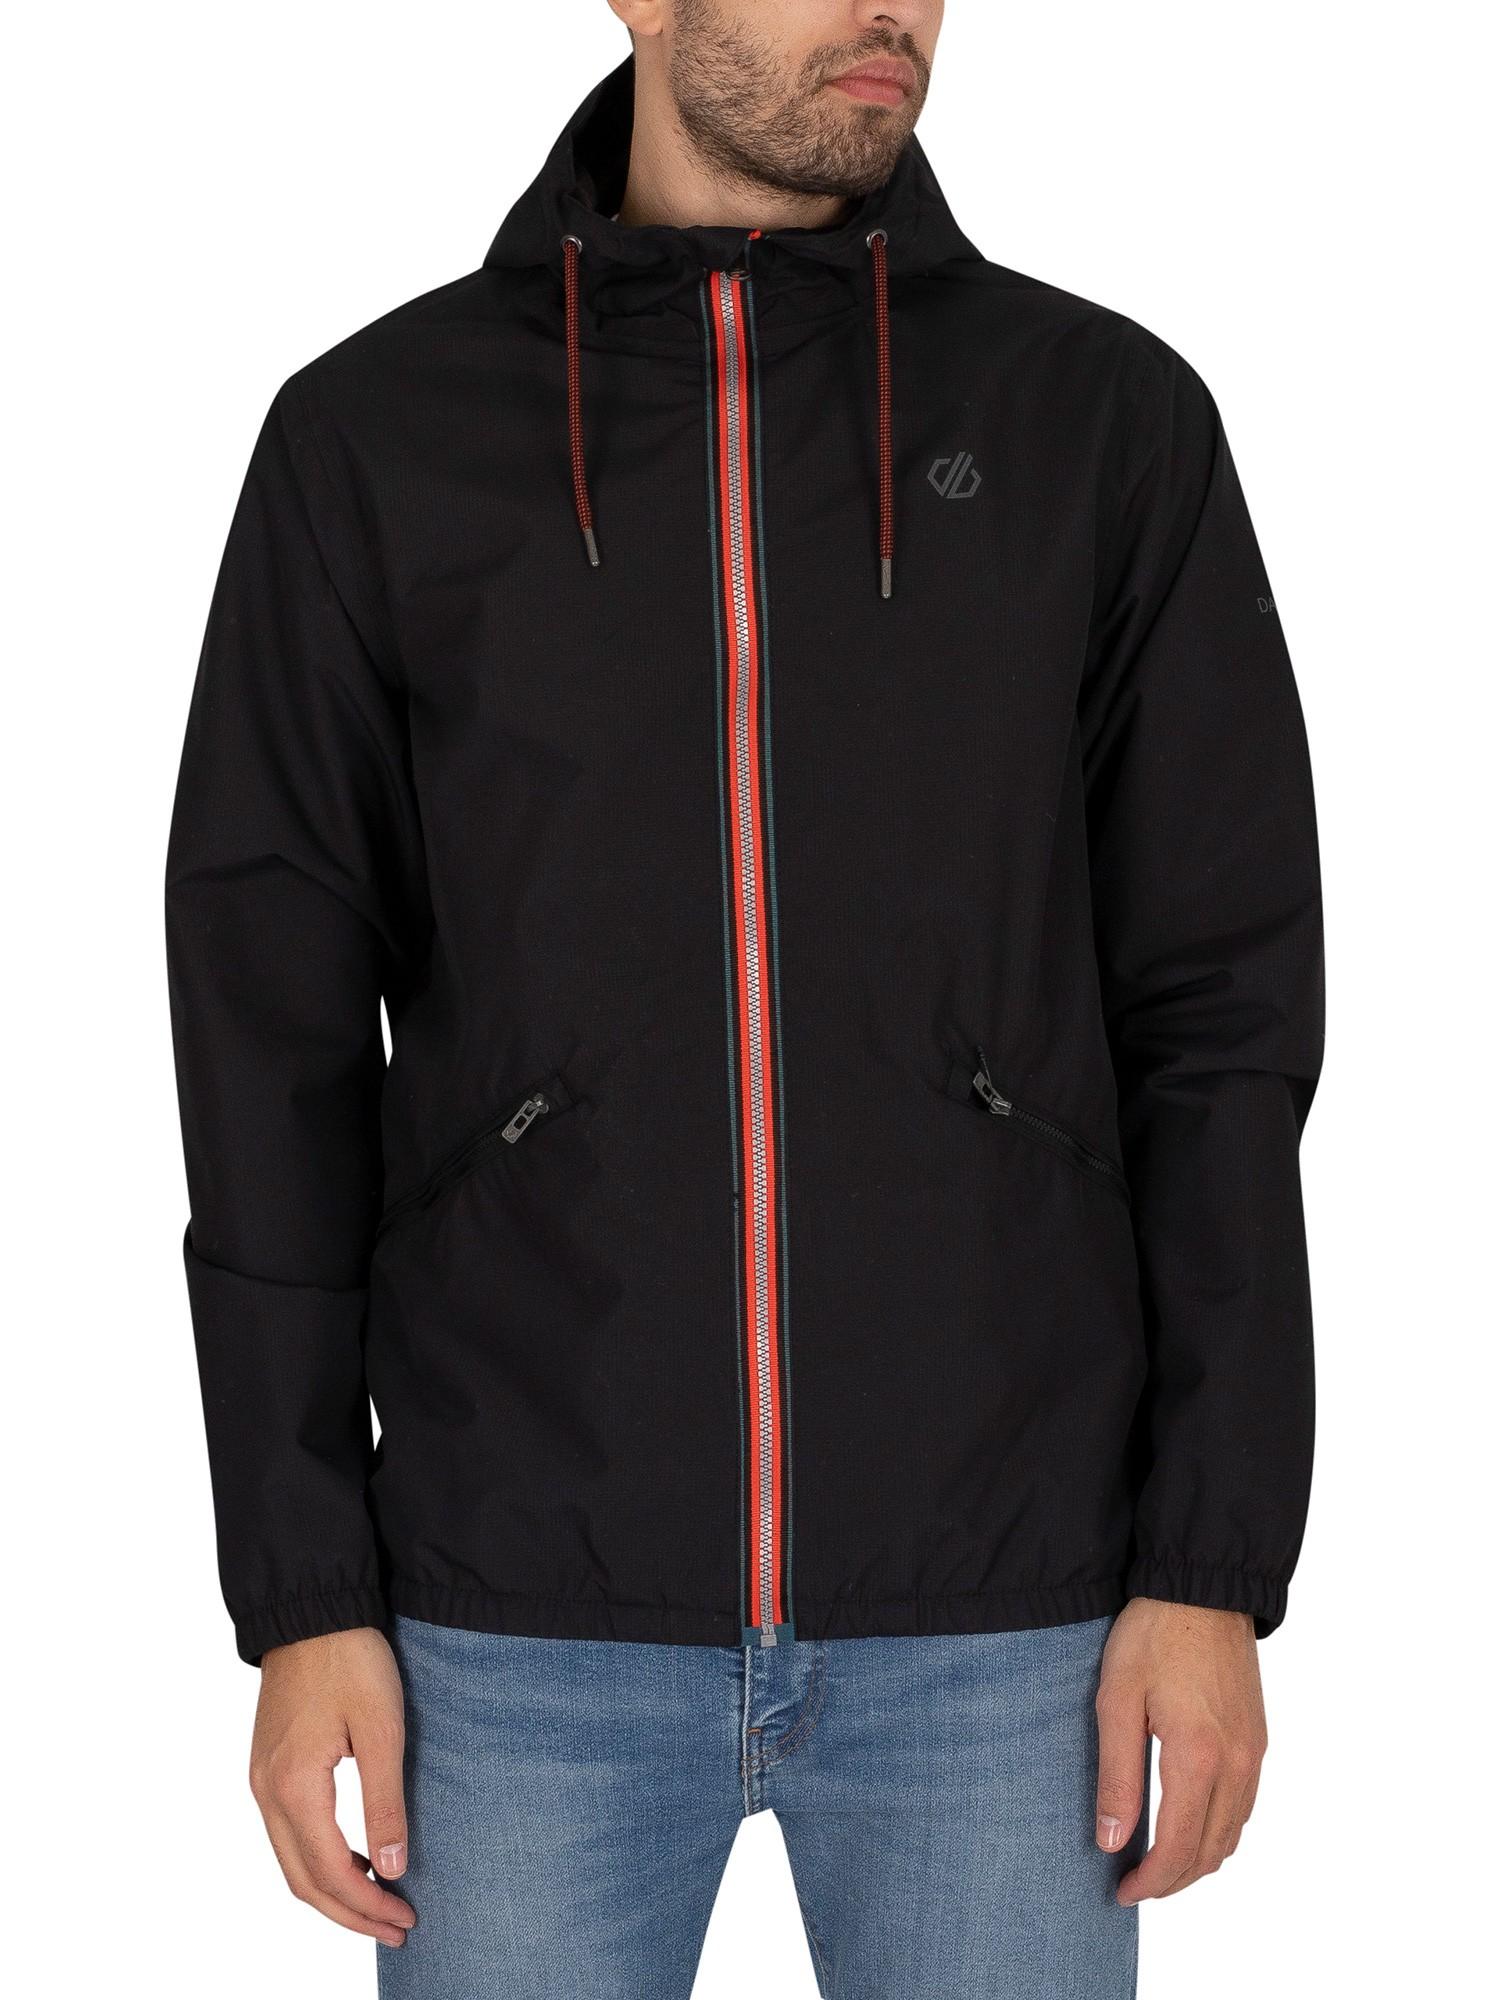 Occupy Lightweight Jacket